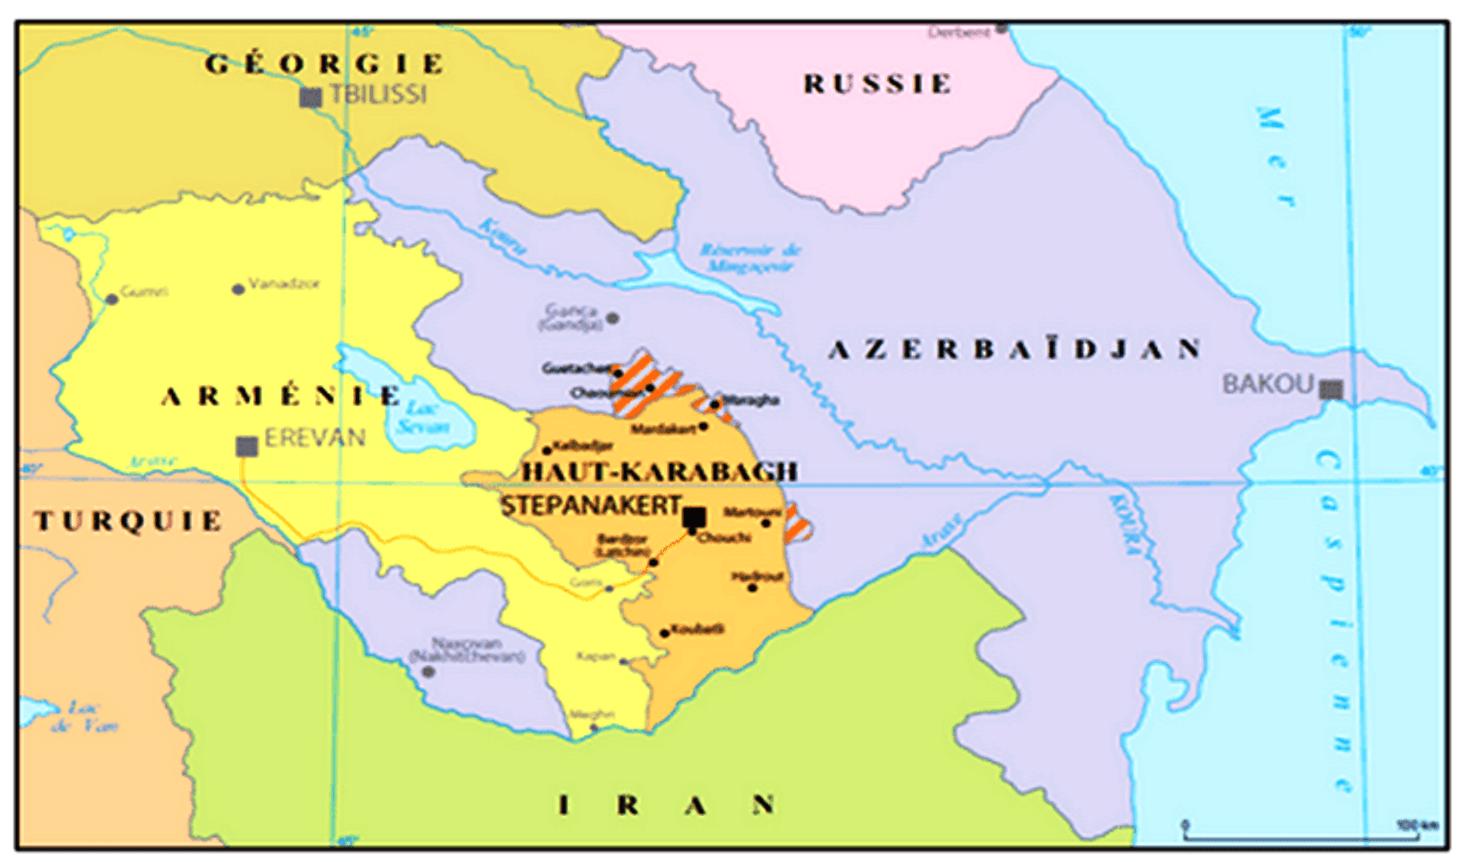 Ο ρόλος του εβραϊκού κράτους πίσω από τα παρασκήνια της αρμενικής κρίσης